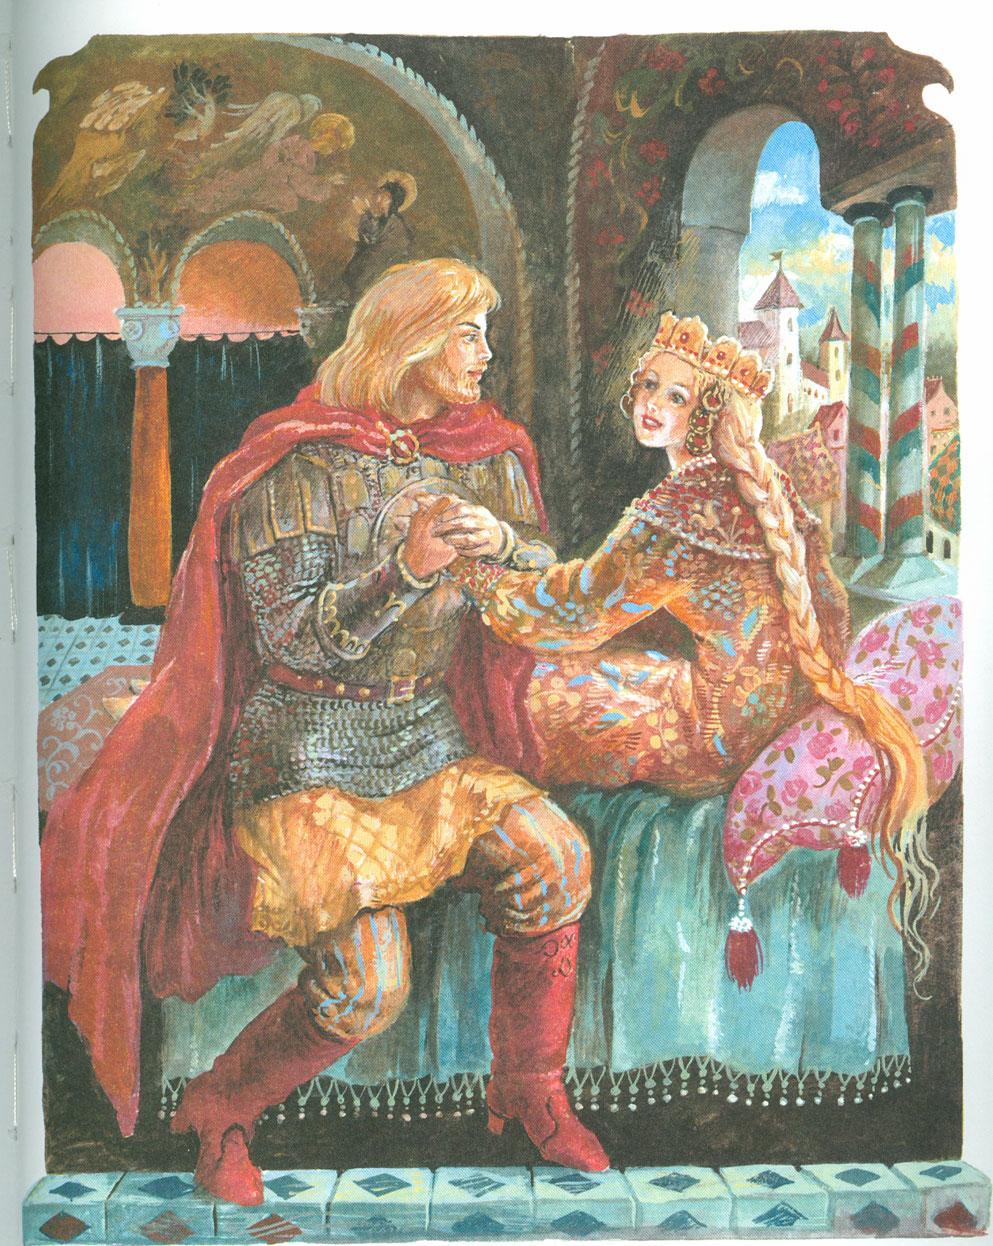 Картинки руслан и людмила пушкин, видео поздравления